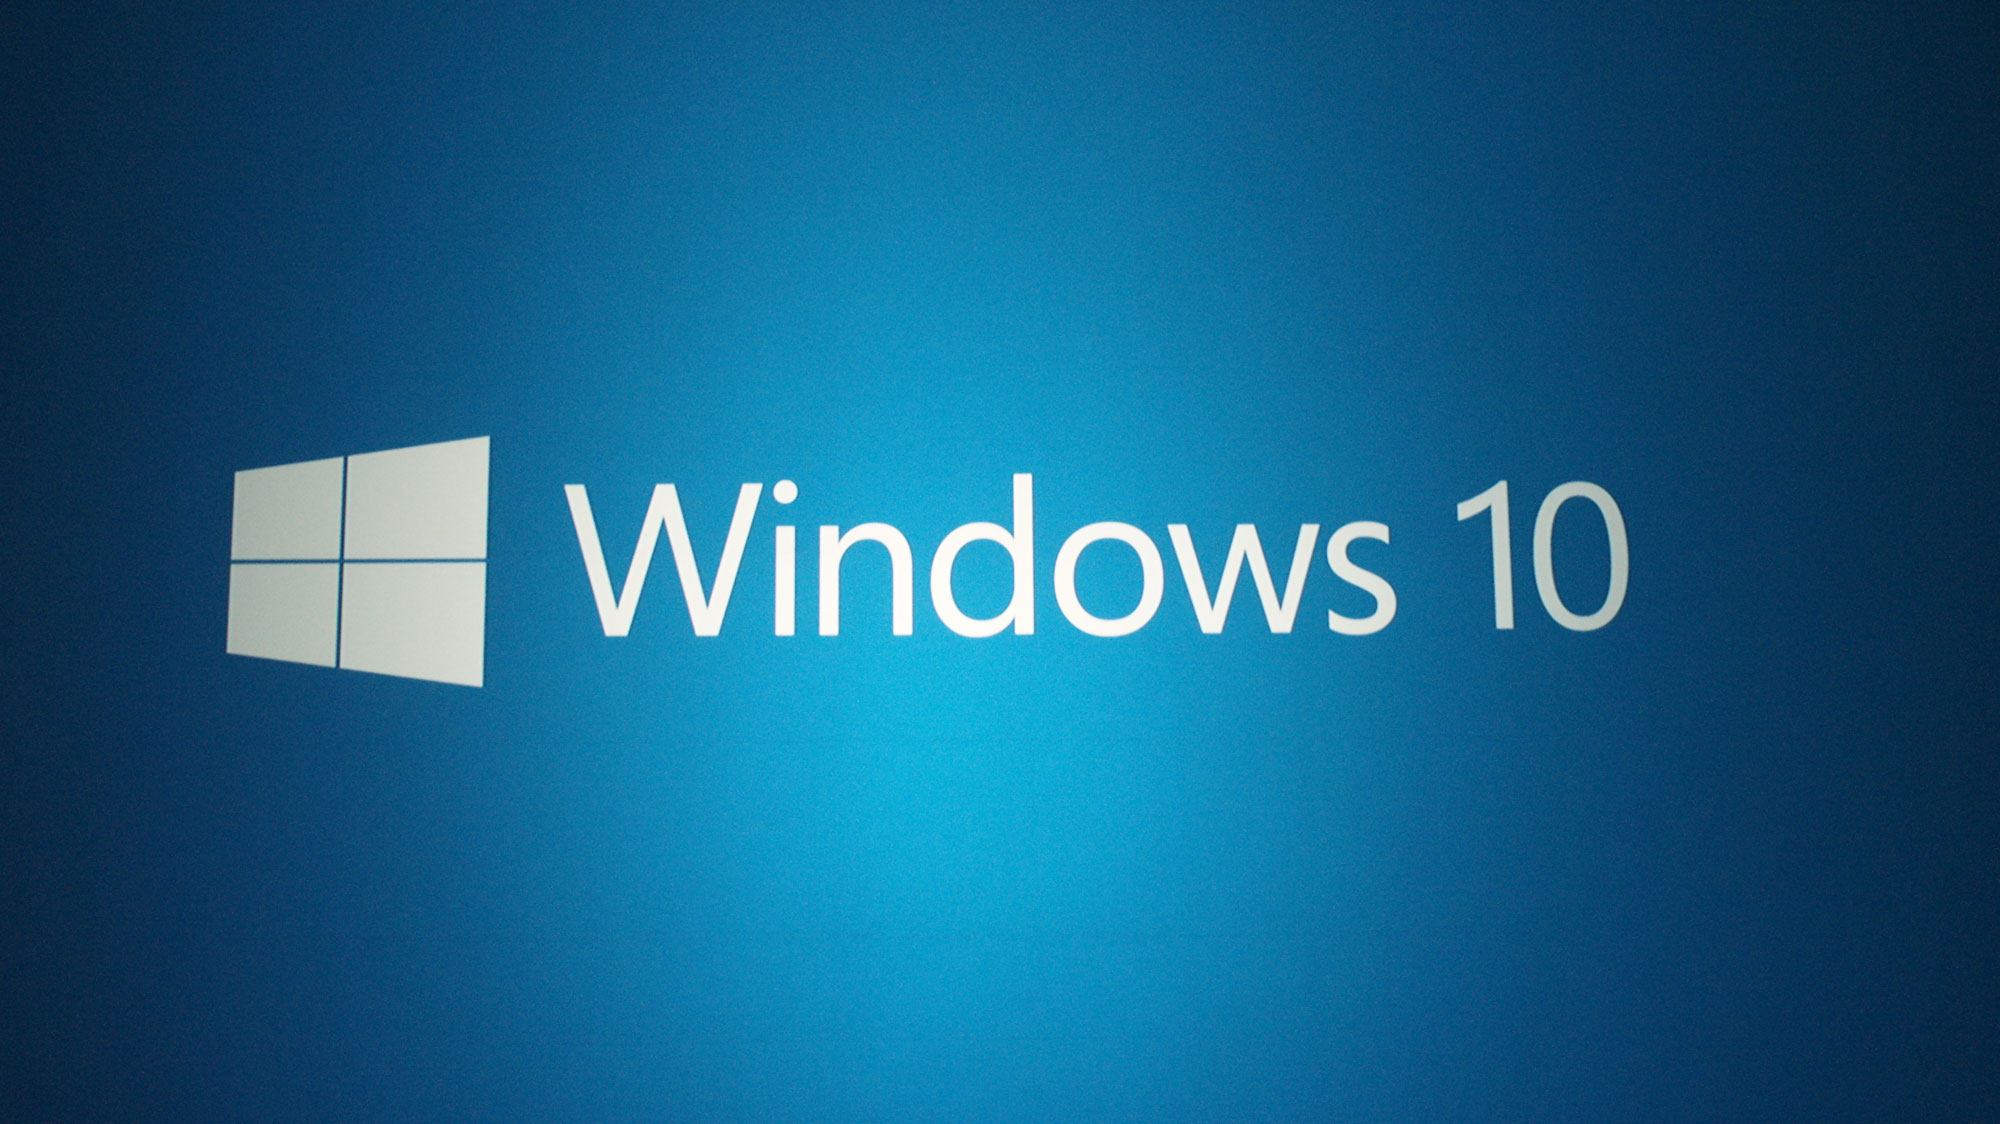 Microsoft anuncia que lanzará Windows 10 el próximo 29 de julio